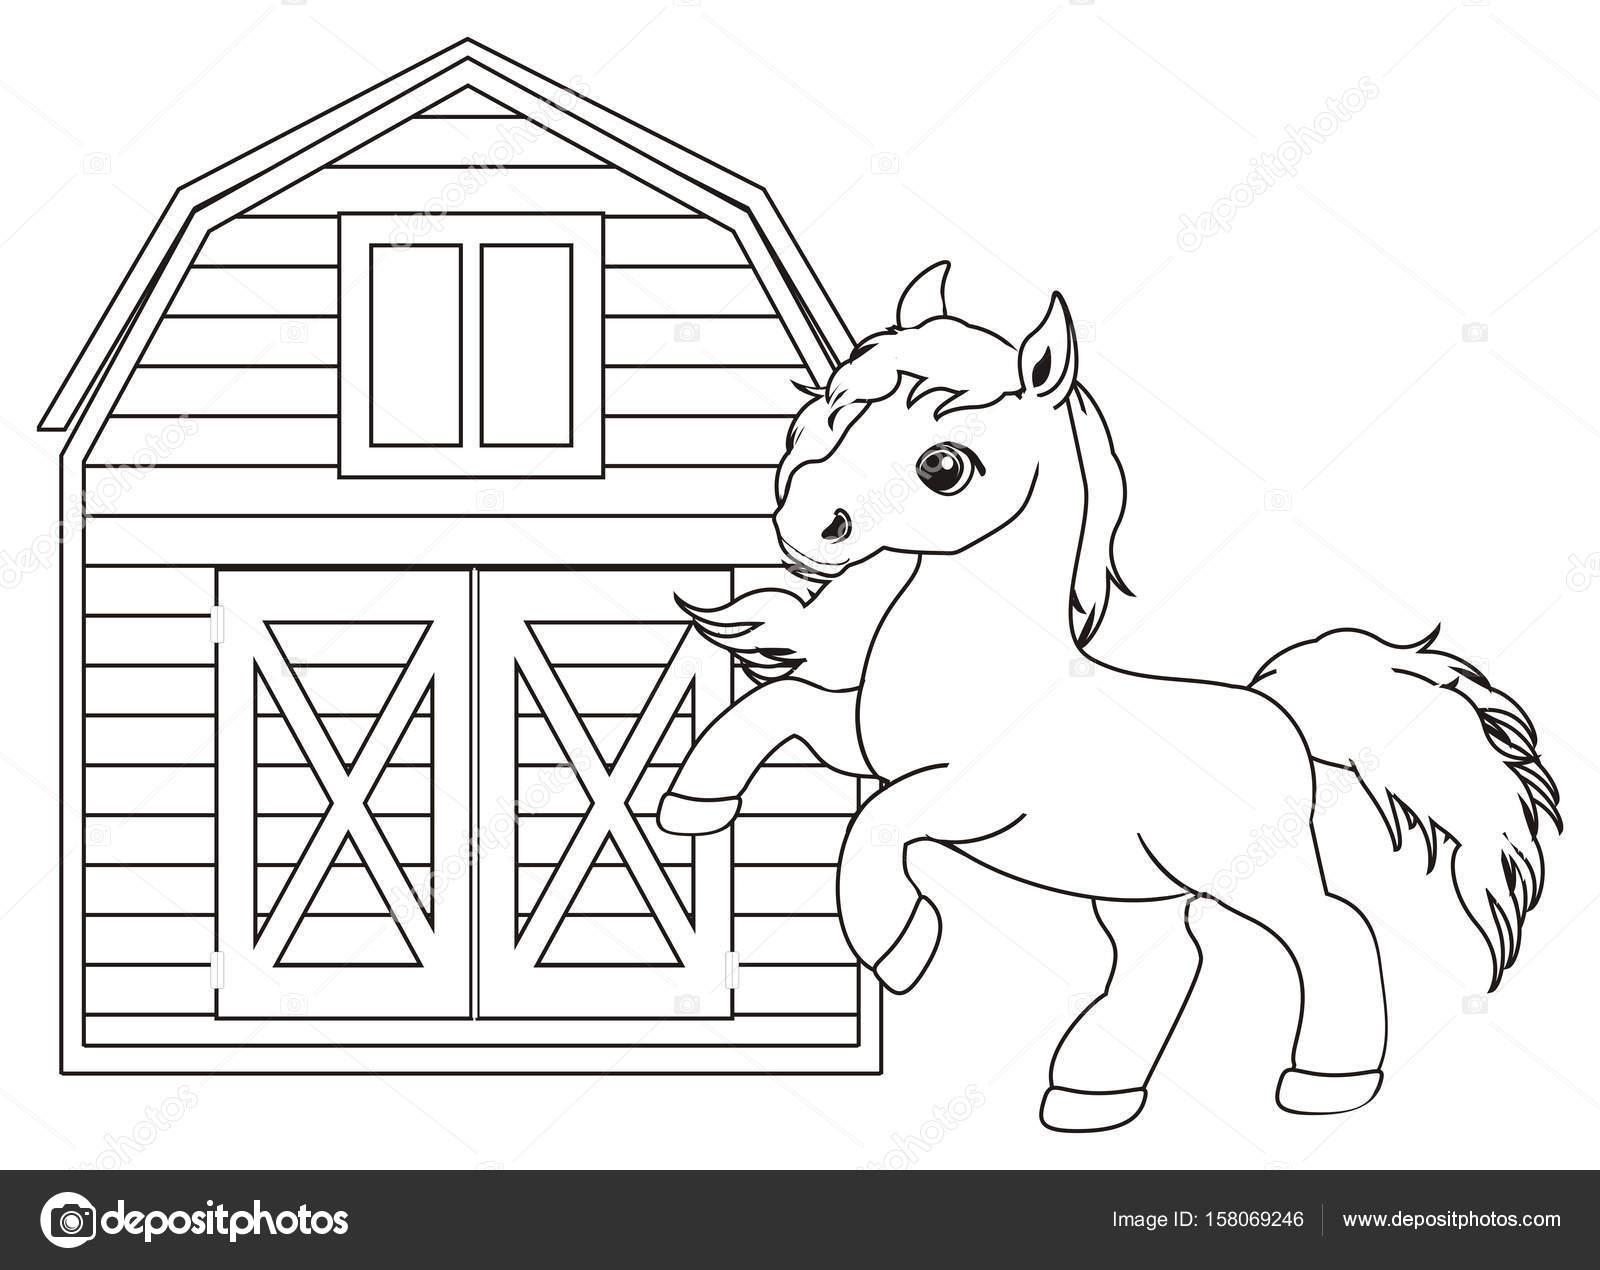 Fotografie muso di cavallo da colorare disegni da for Immagini di cavalli da colorare